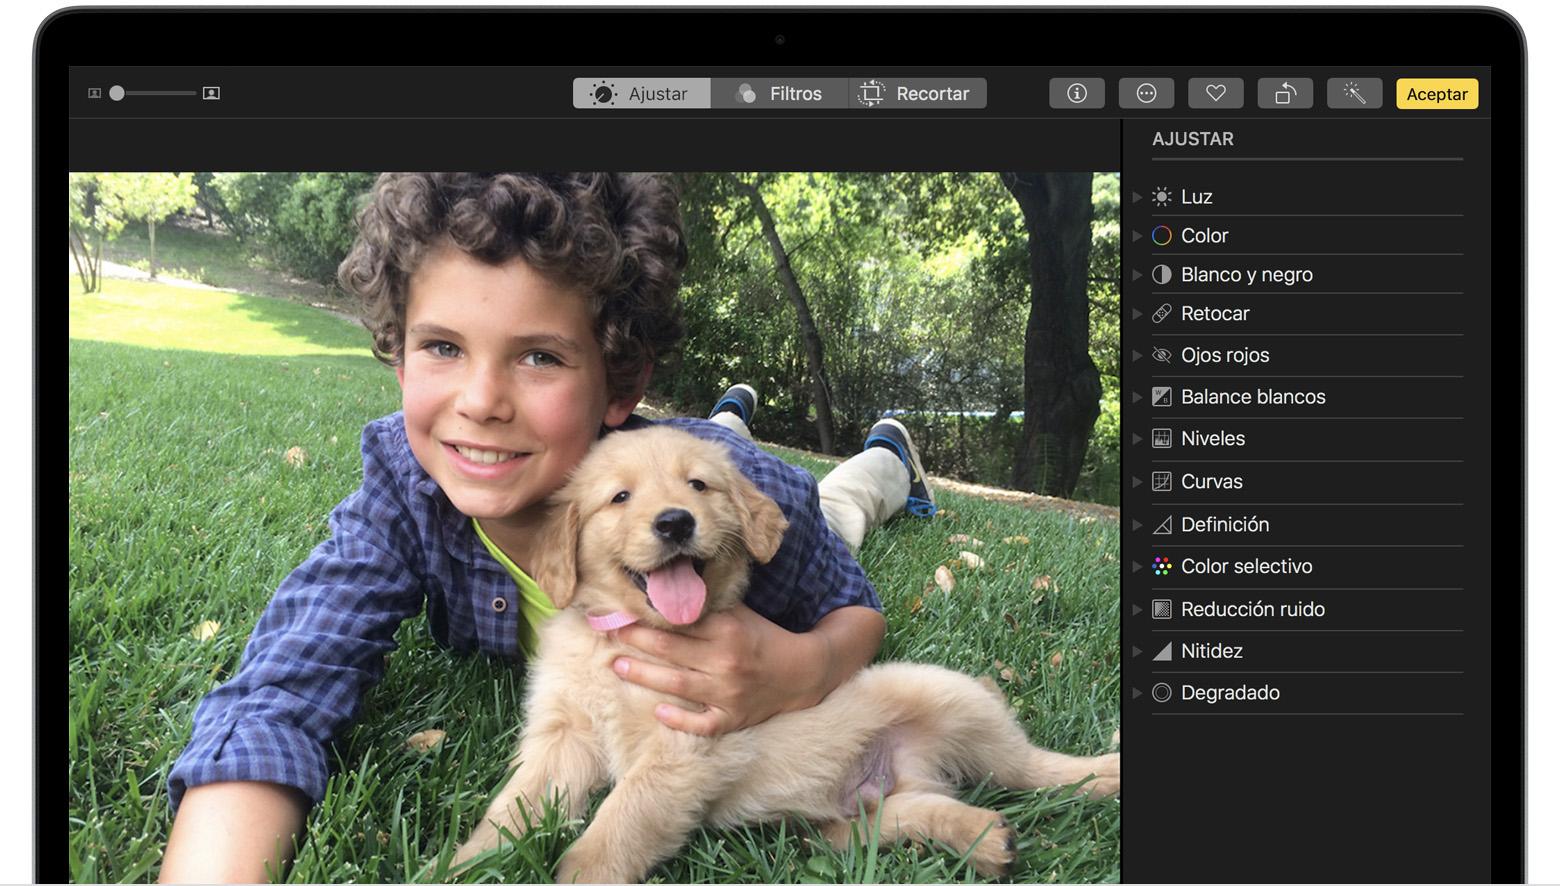 Cómo editar fotos en el Mac - Soporte técnico de Apple